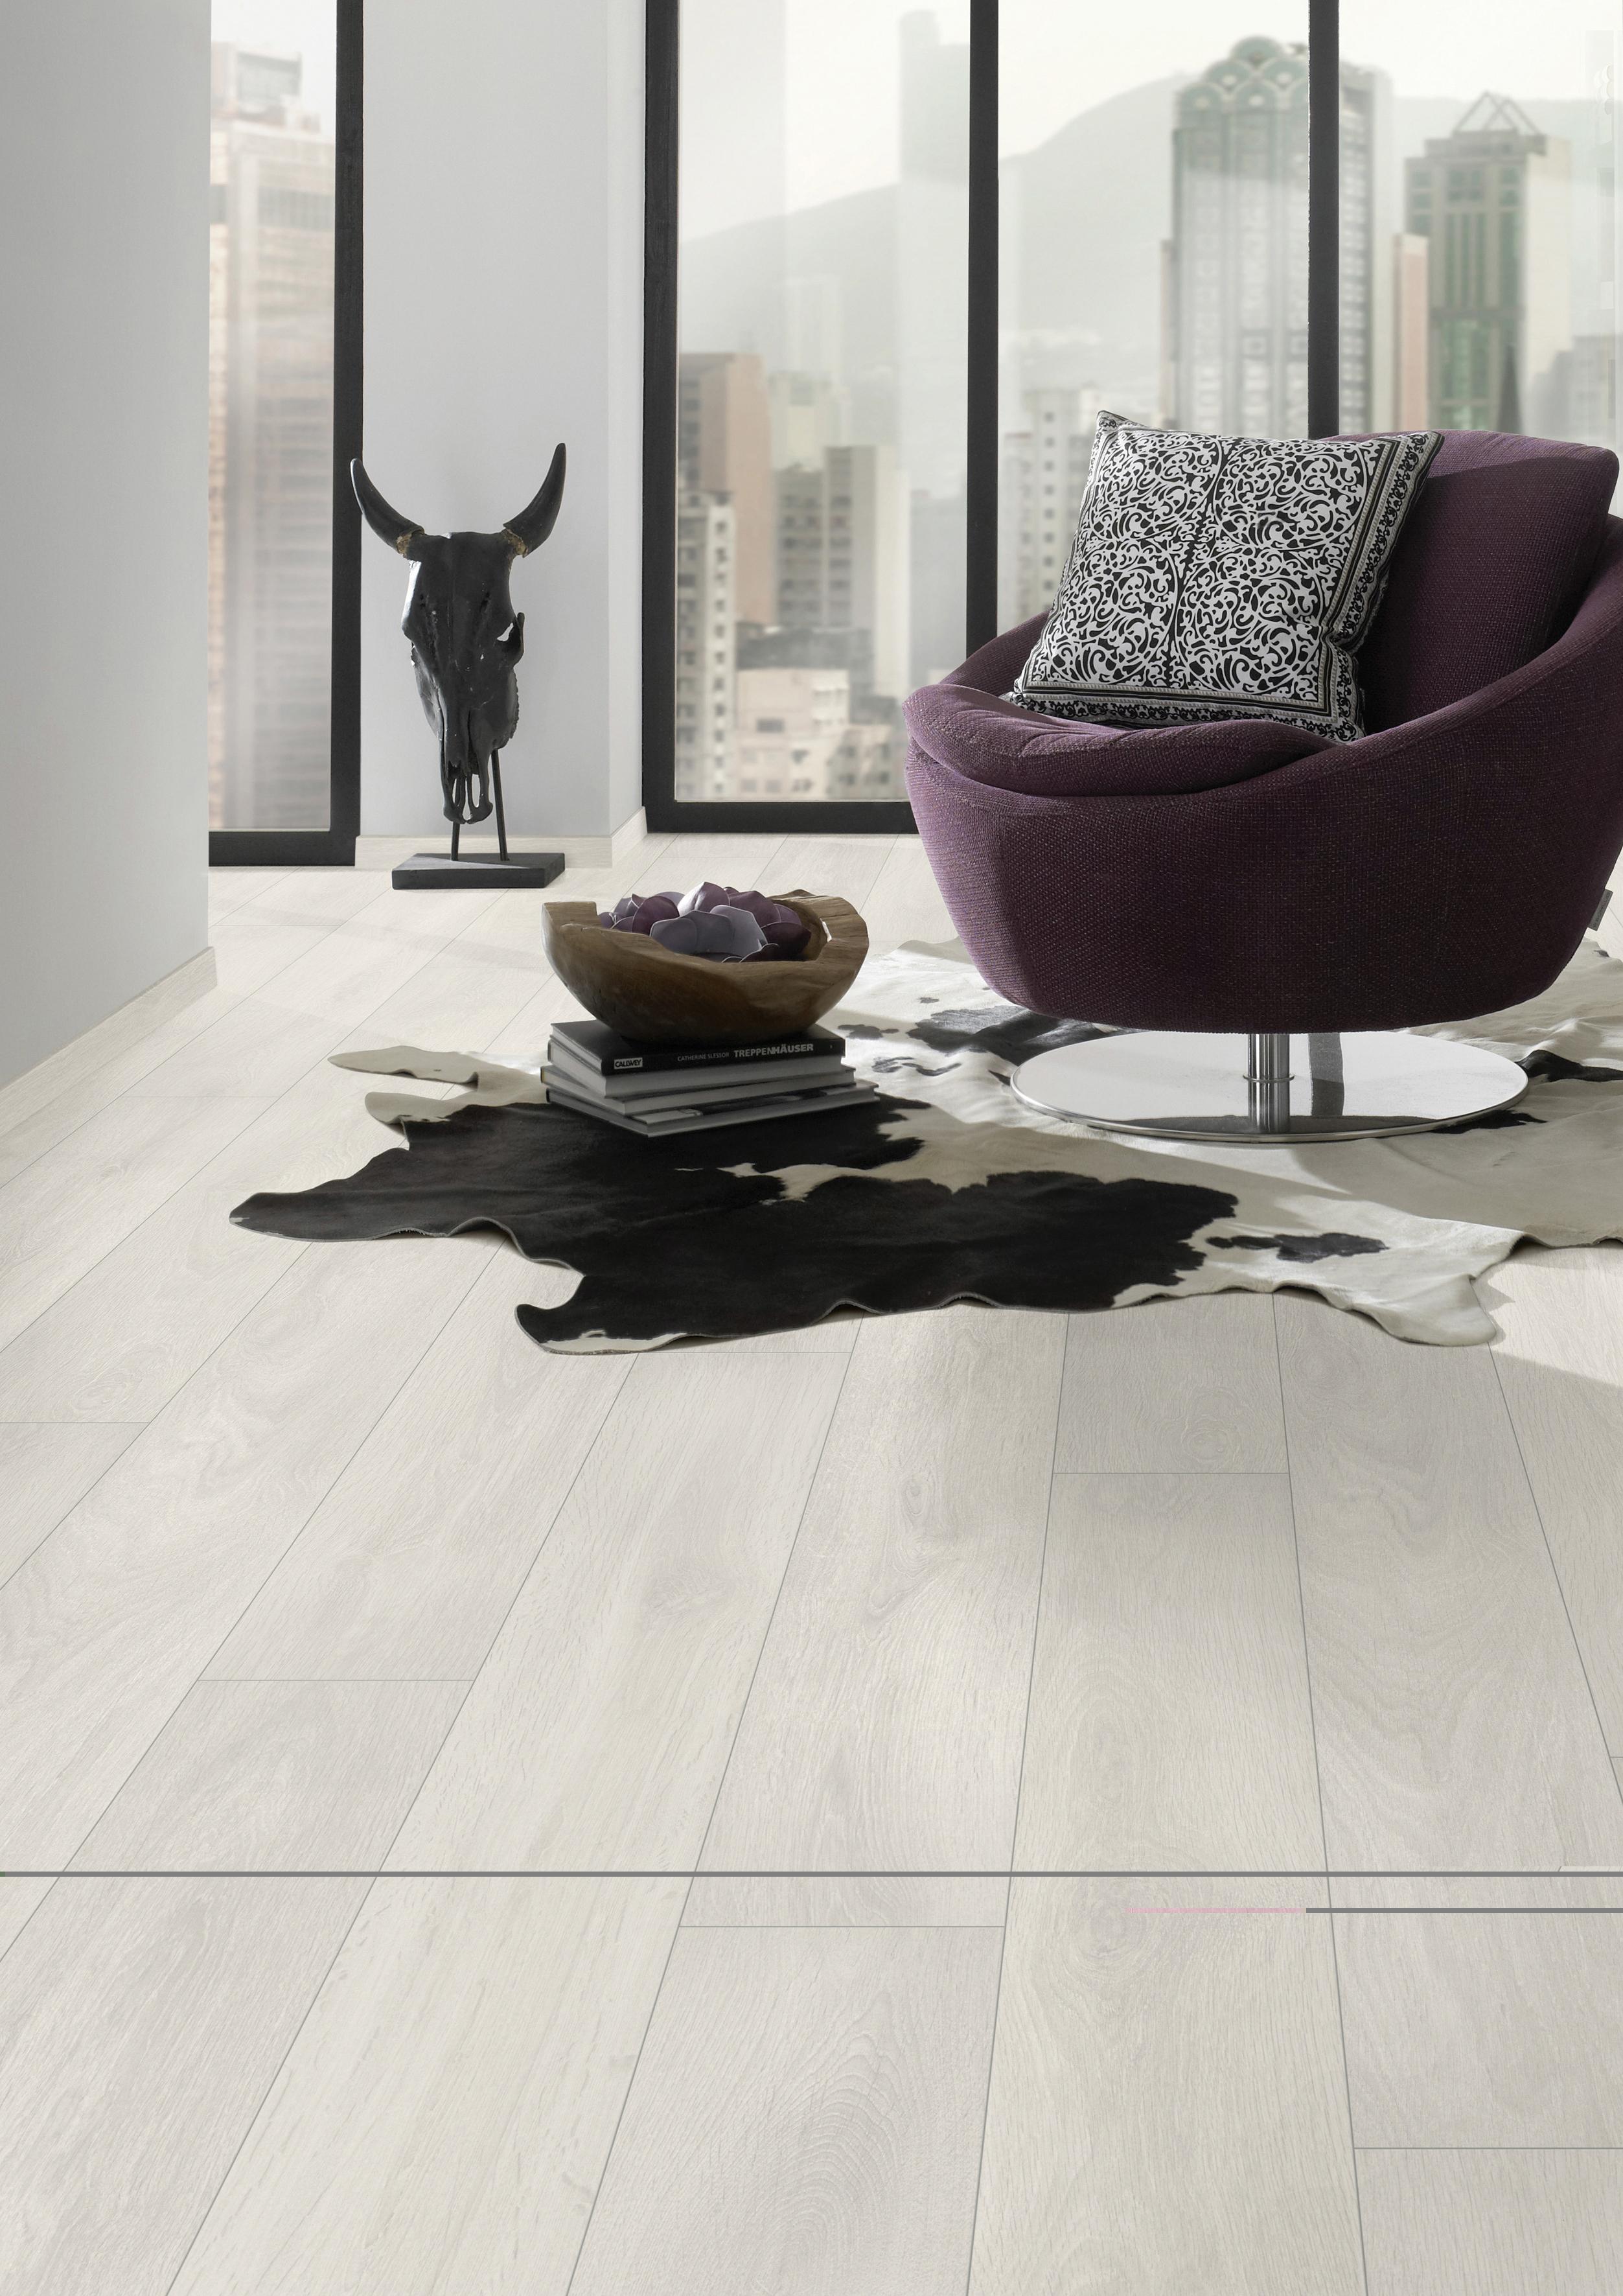 Công ty cổ phần Trần Doãn, thương hiệu sàn gỗ công nghiệp mang tầm quốc tế